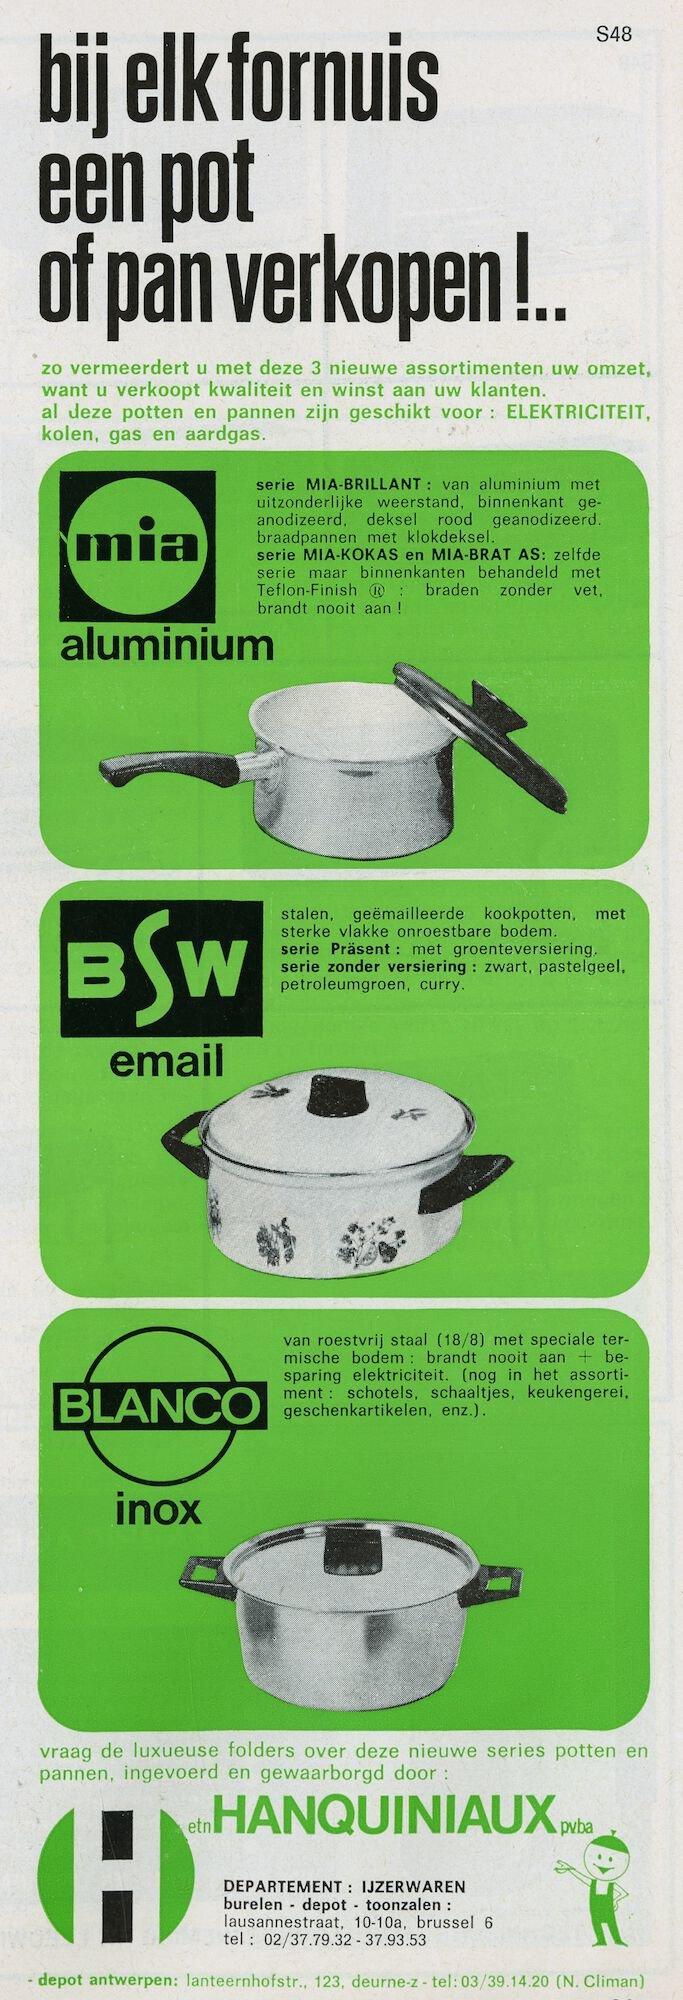 Reclame voor kookpotten van de merken mia, BSW en BLANCO